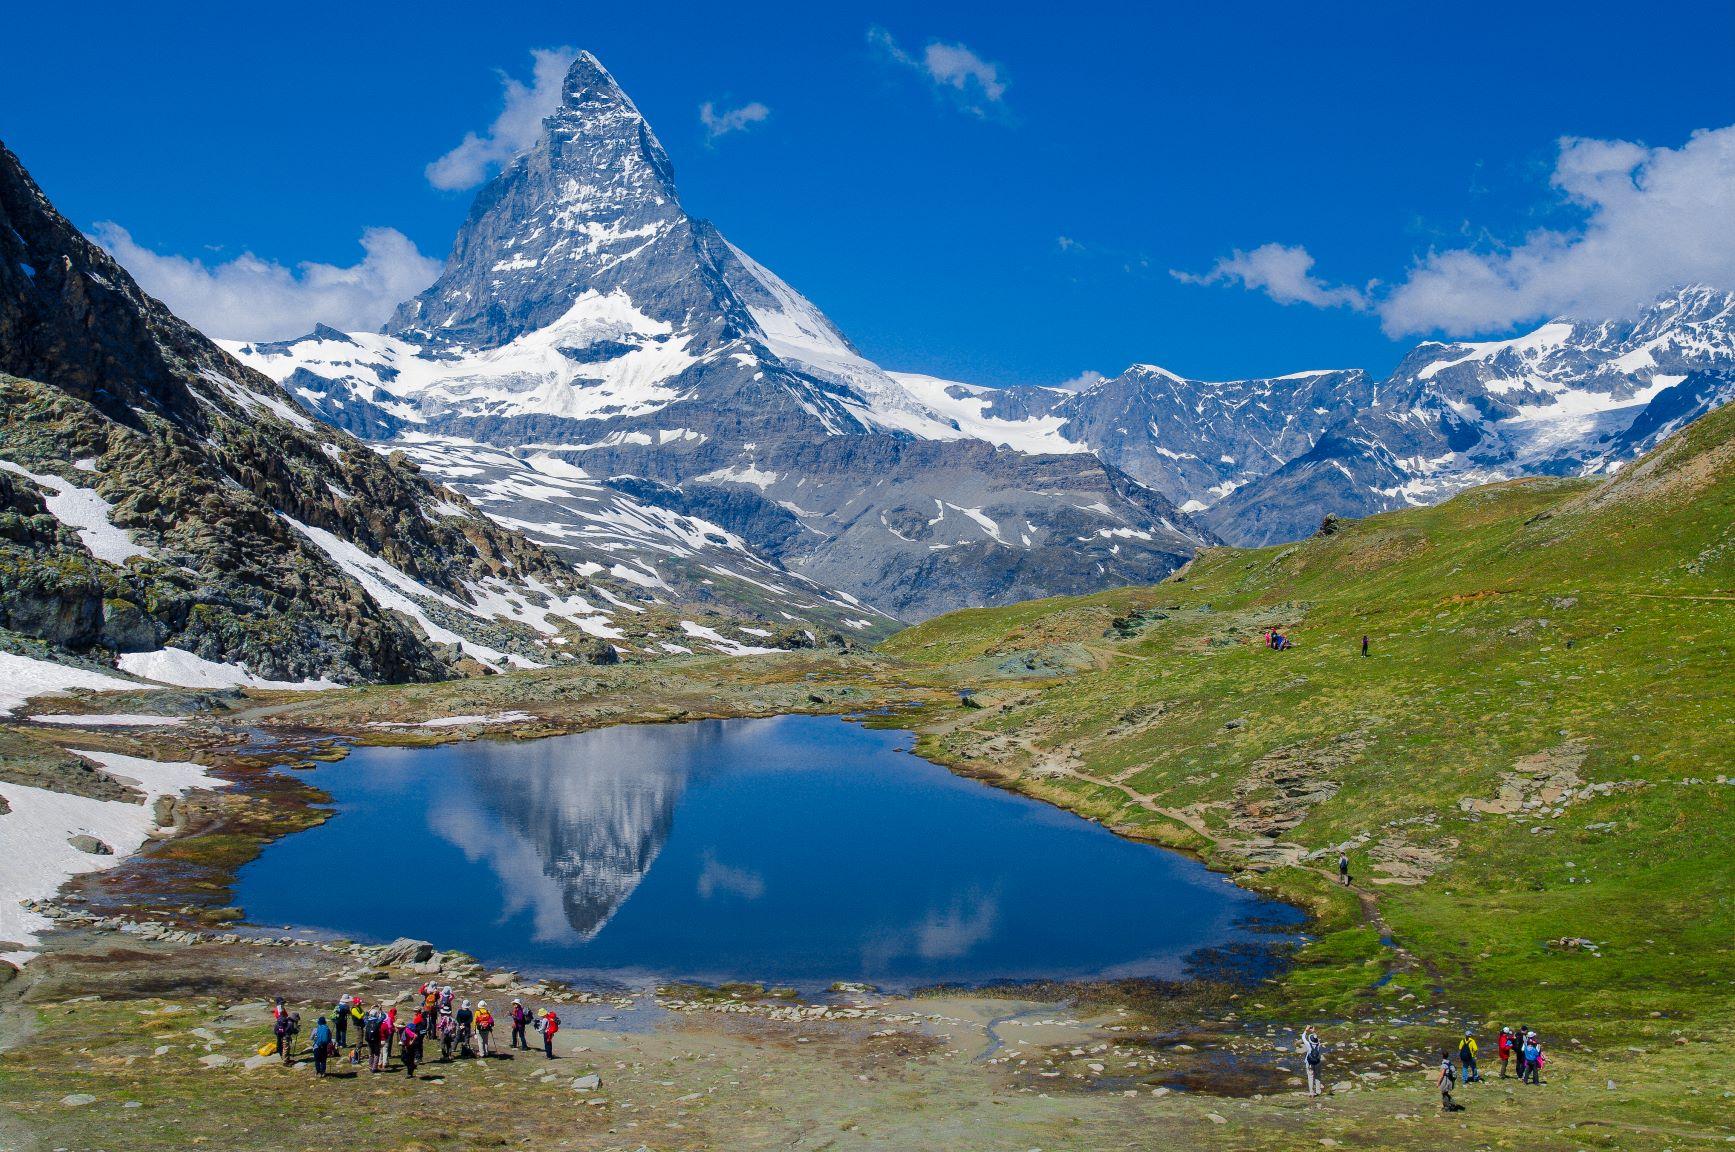 ツェルマットにゆっくり3連泊 スイス・アルプス満喫ハイキング 8日間